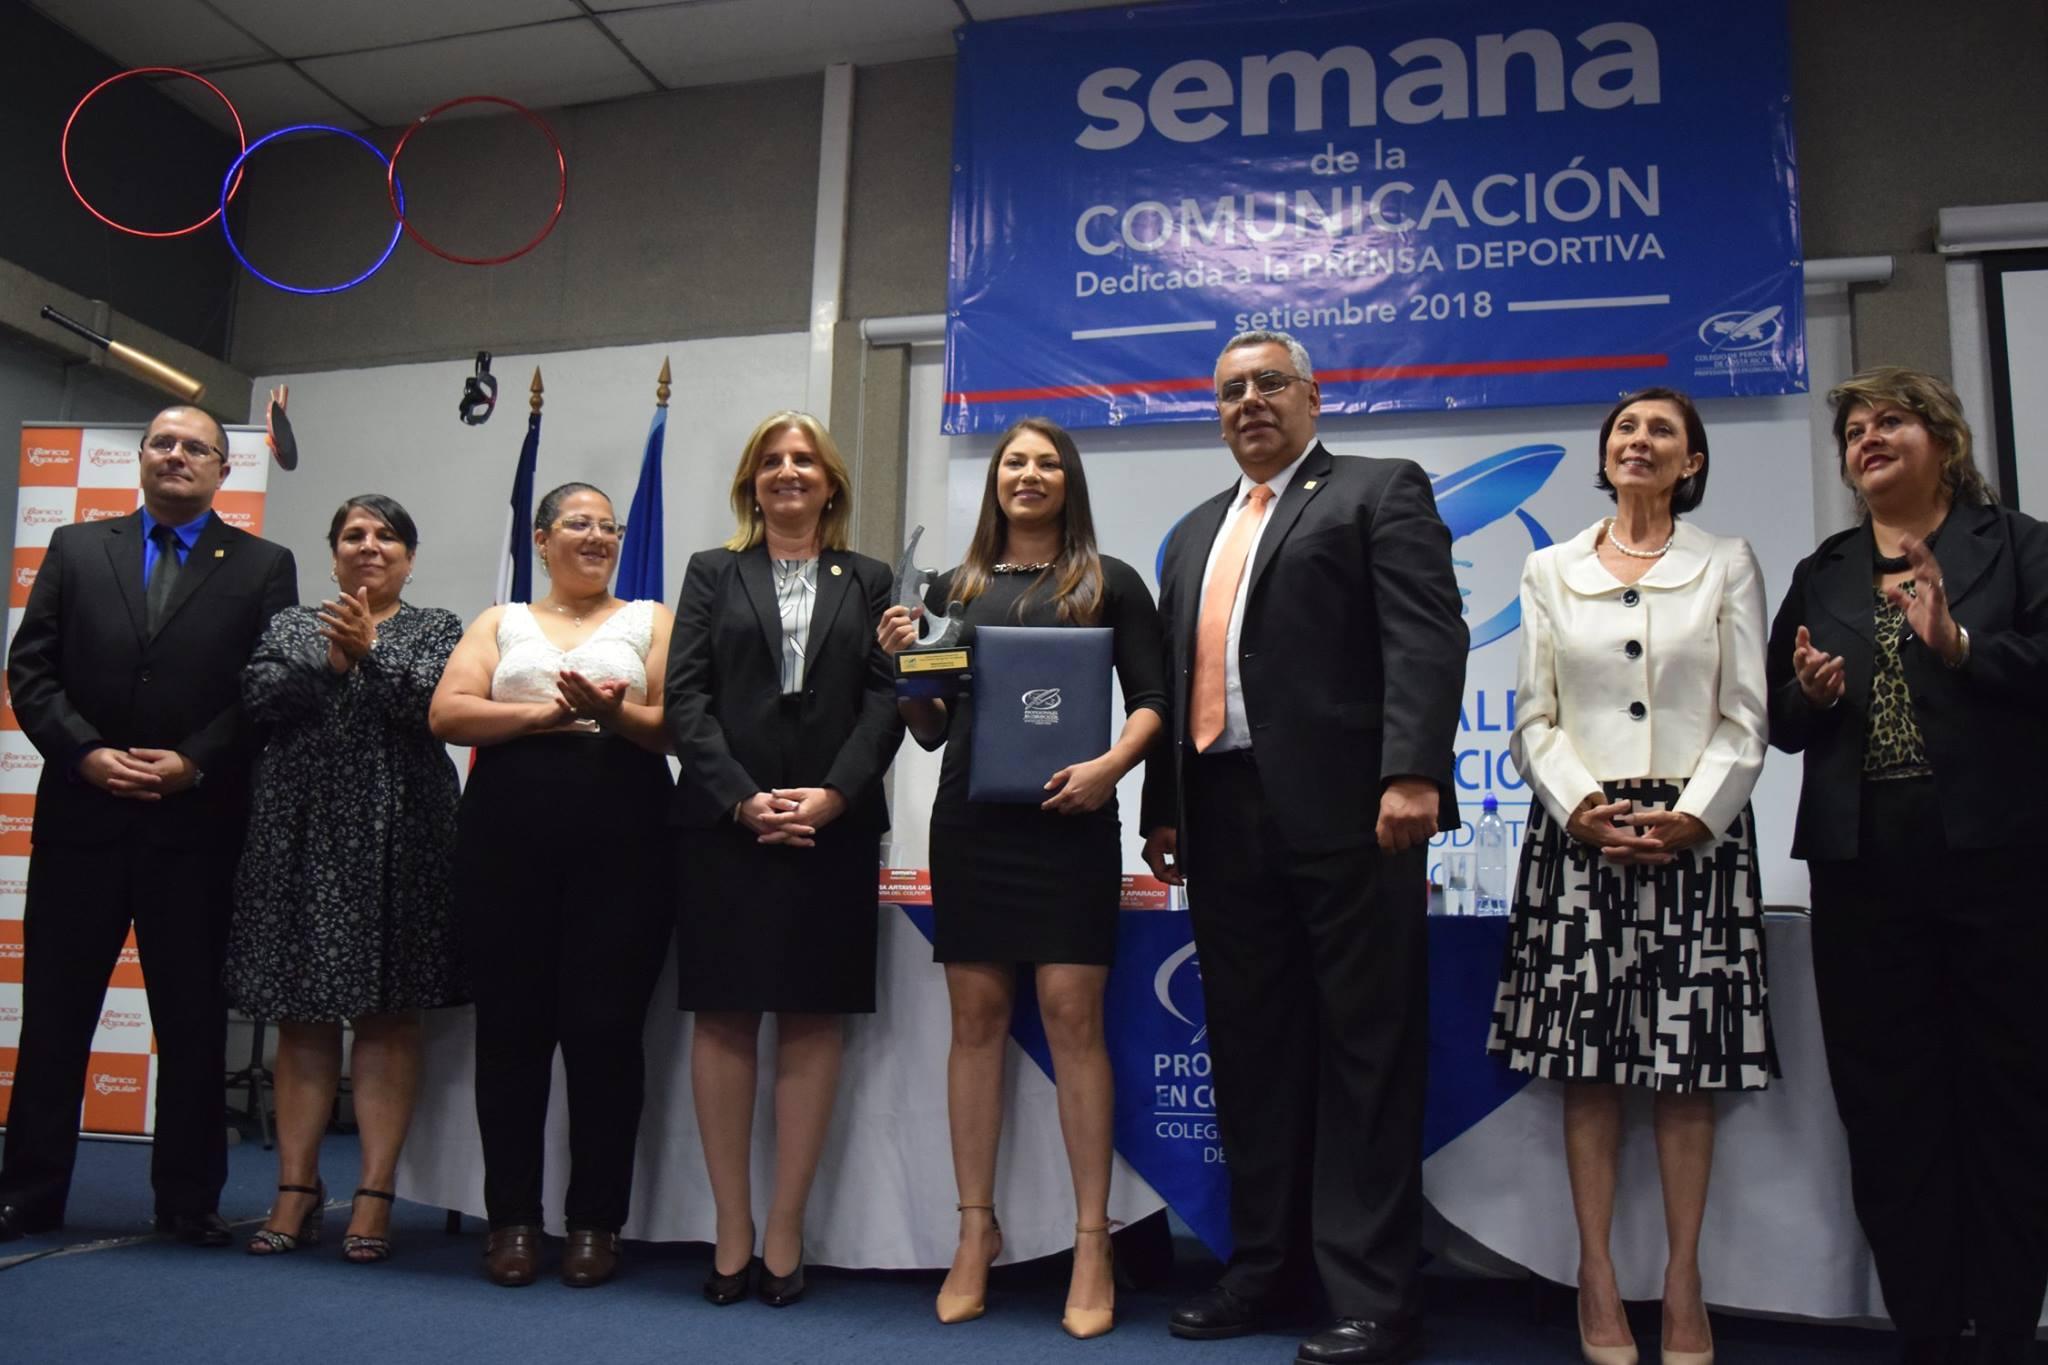 TVN Noticias recibe galardón Jorge Vargas Gené,  otorgado por el Colegio de Periodistas de Costa Rica.